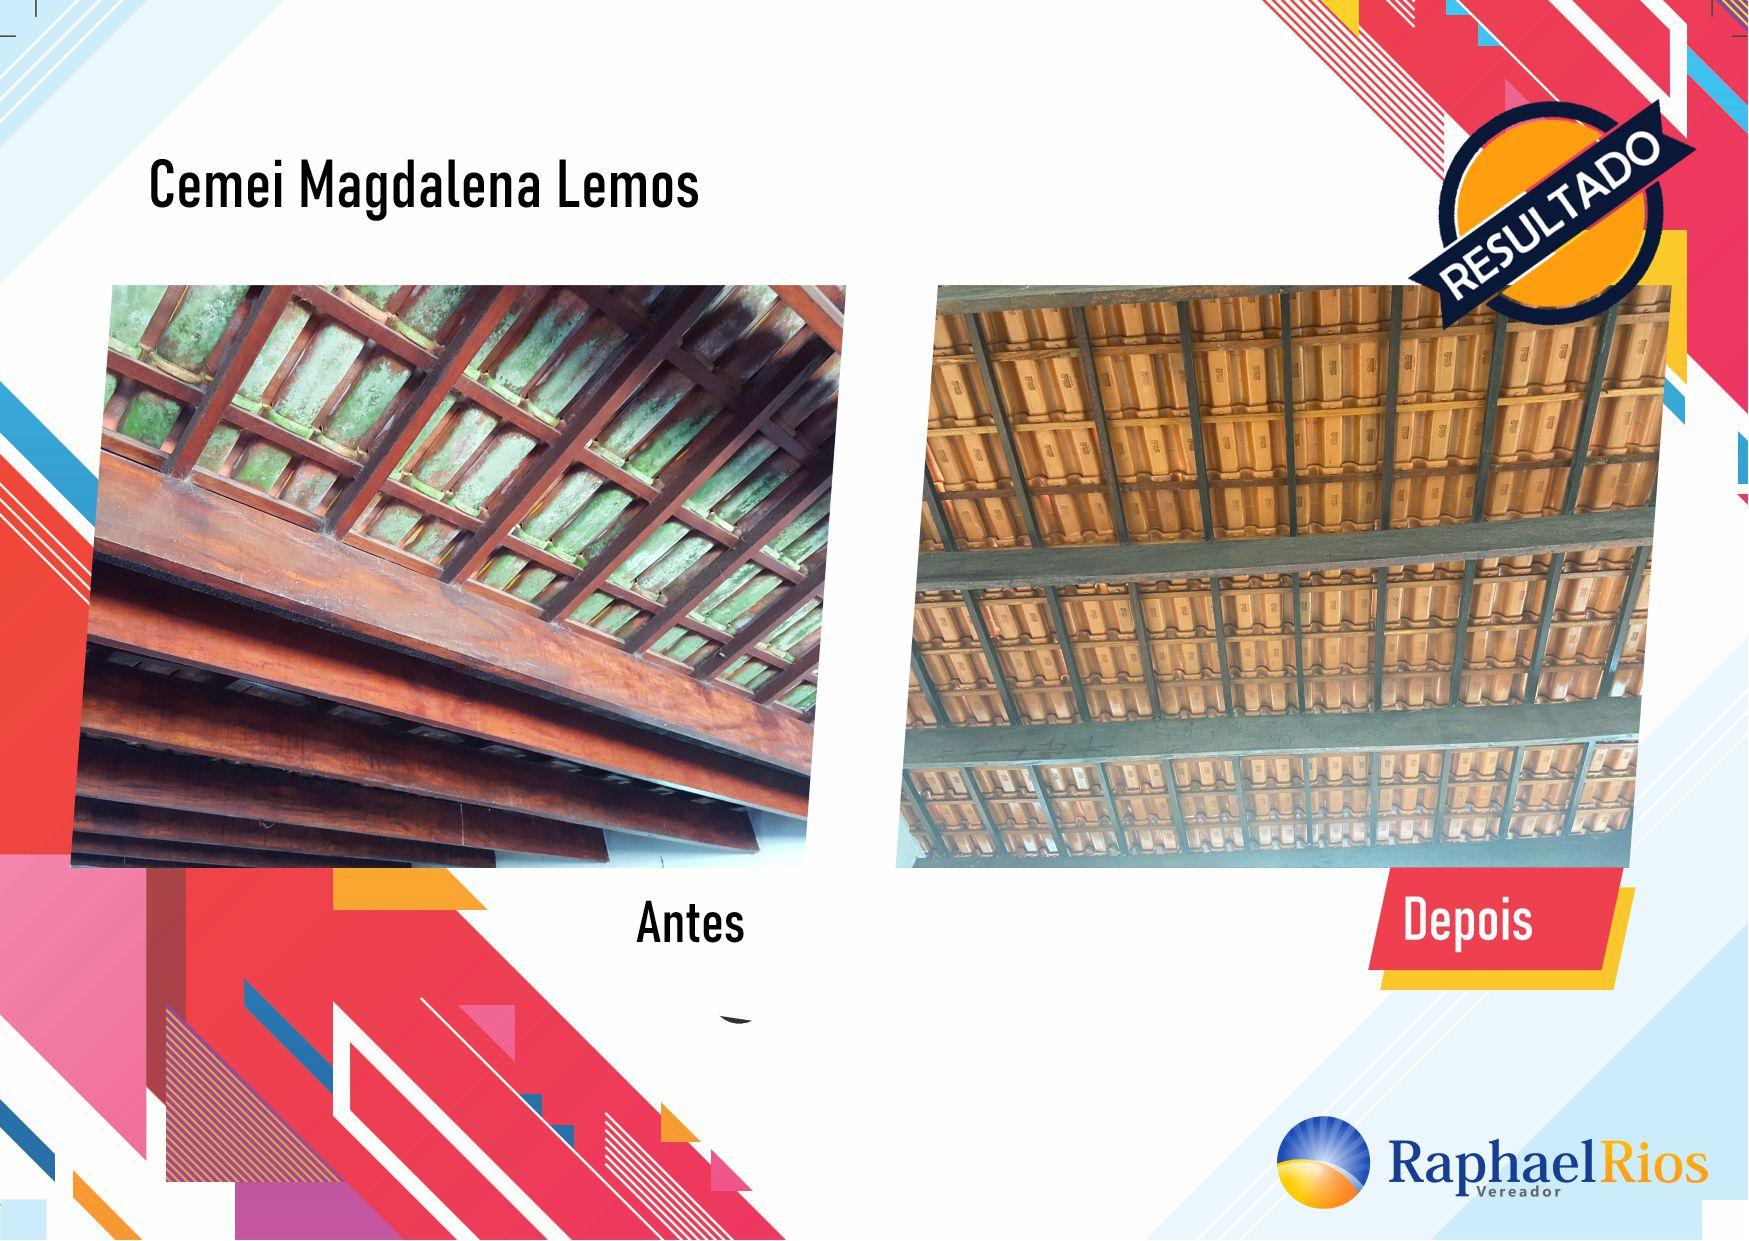 Após fiscalização, Raphael Rios confere reforma geral do Cemei Magdalena Lemos 13